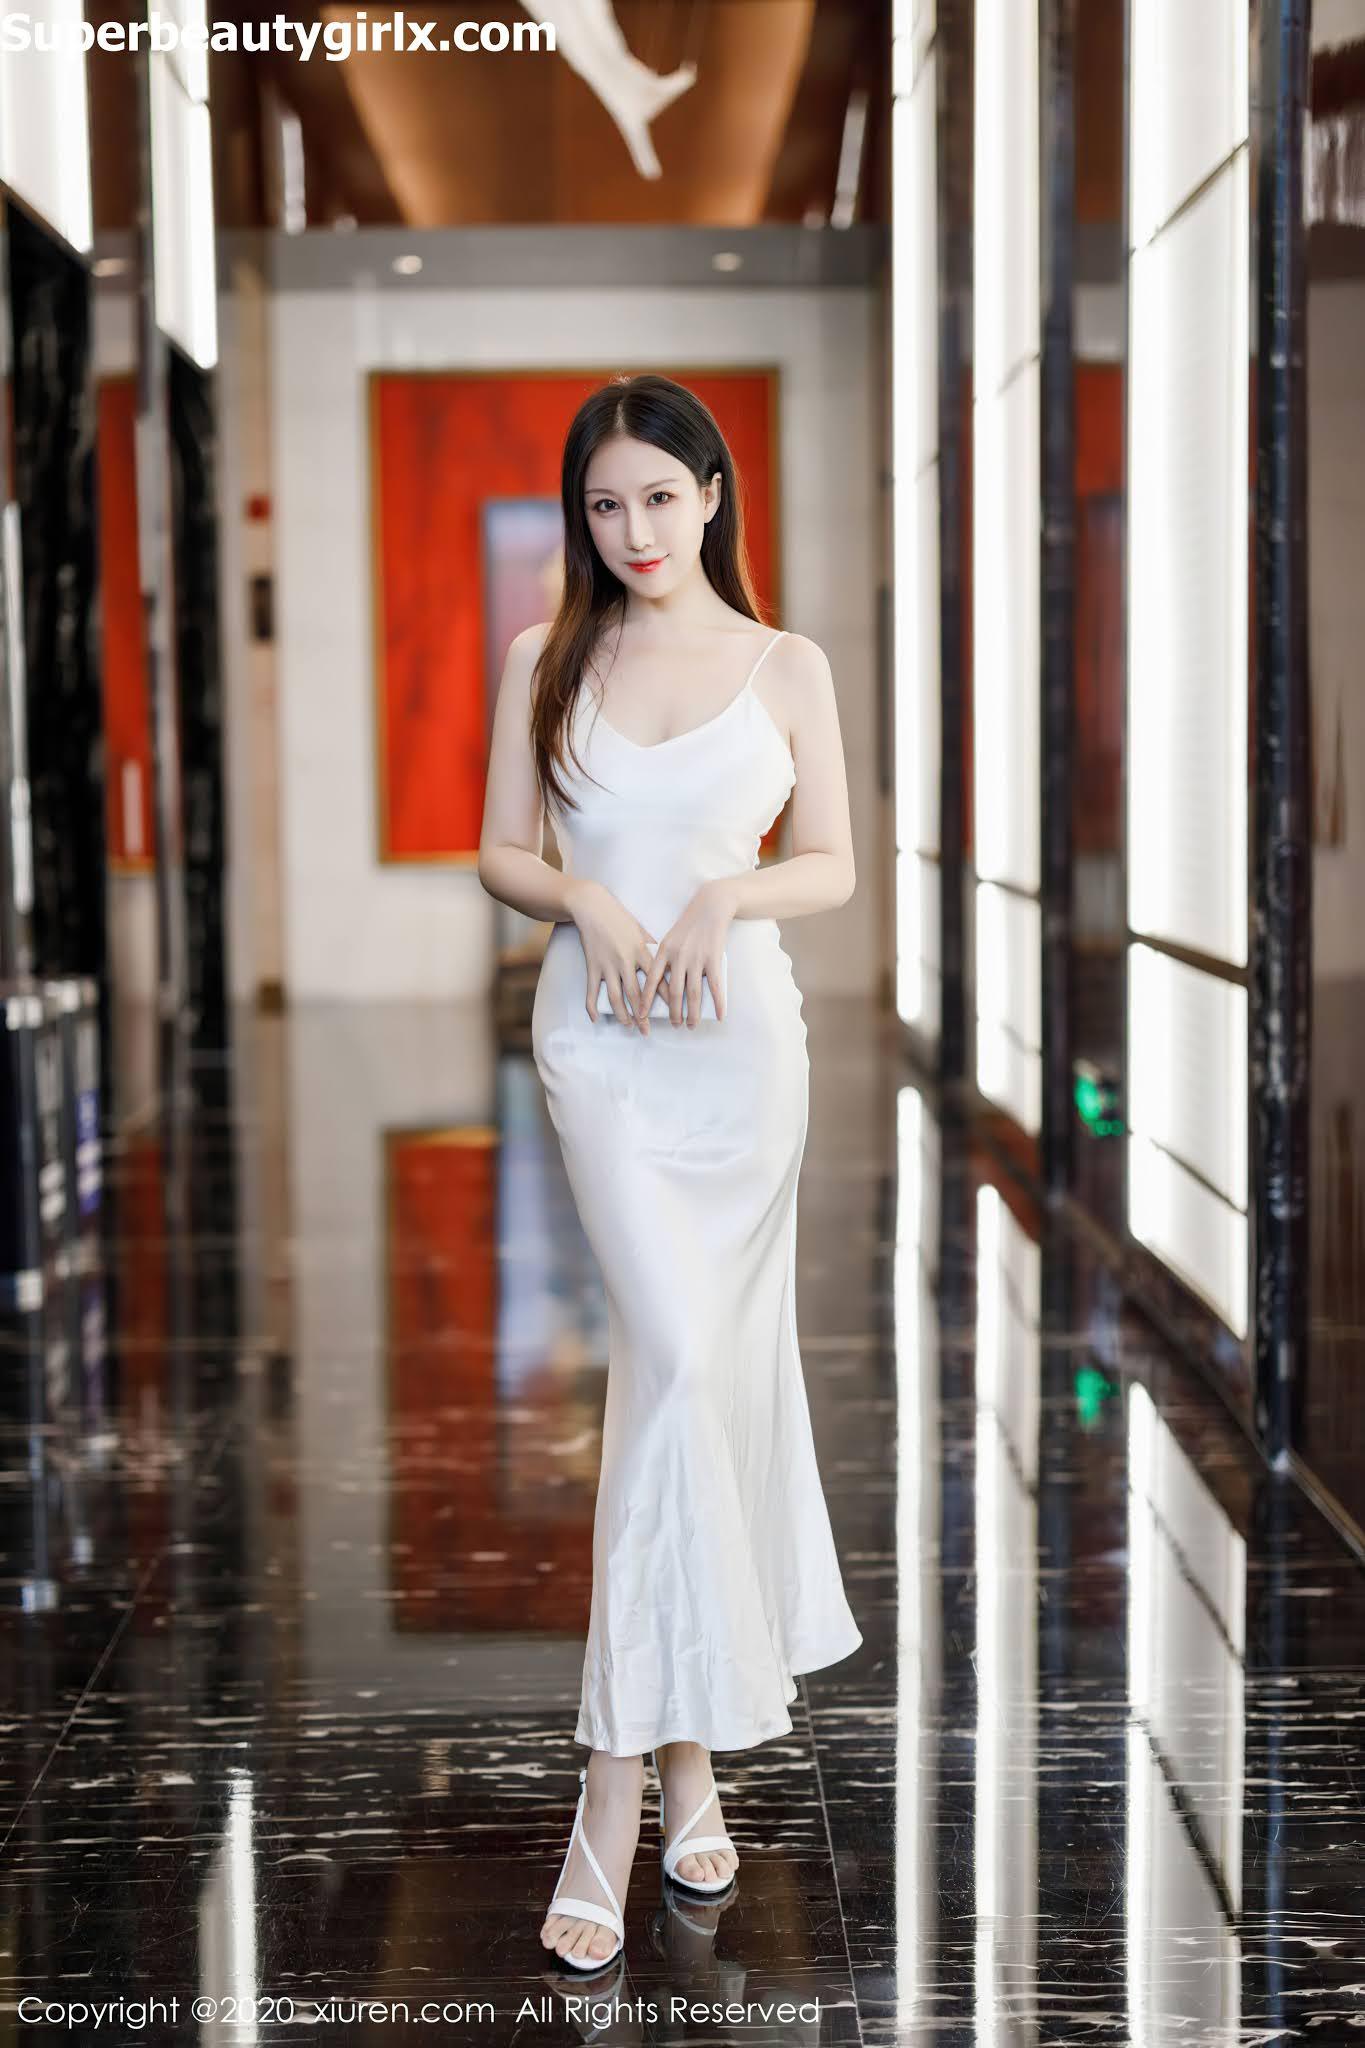 XIUREN-No.2675-Yue-Yin-Tong-Superbeautygirlx.com